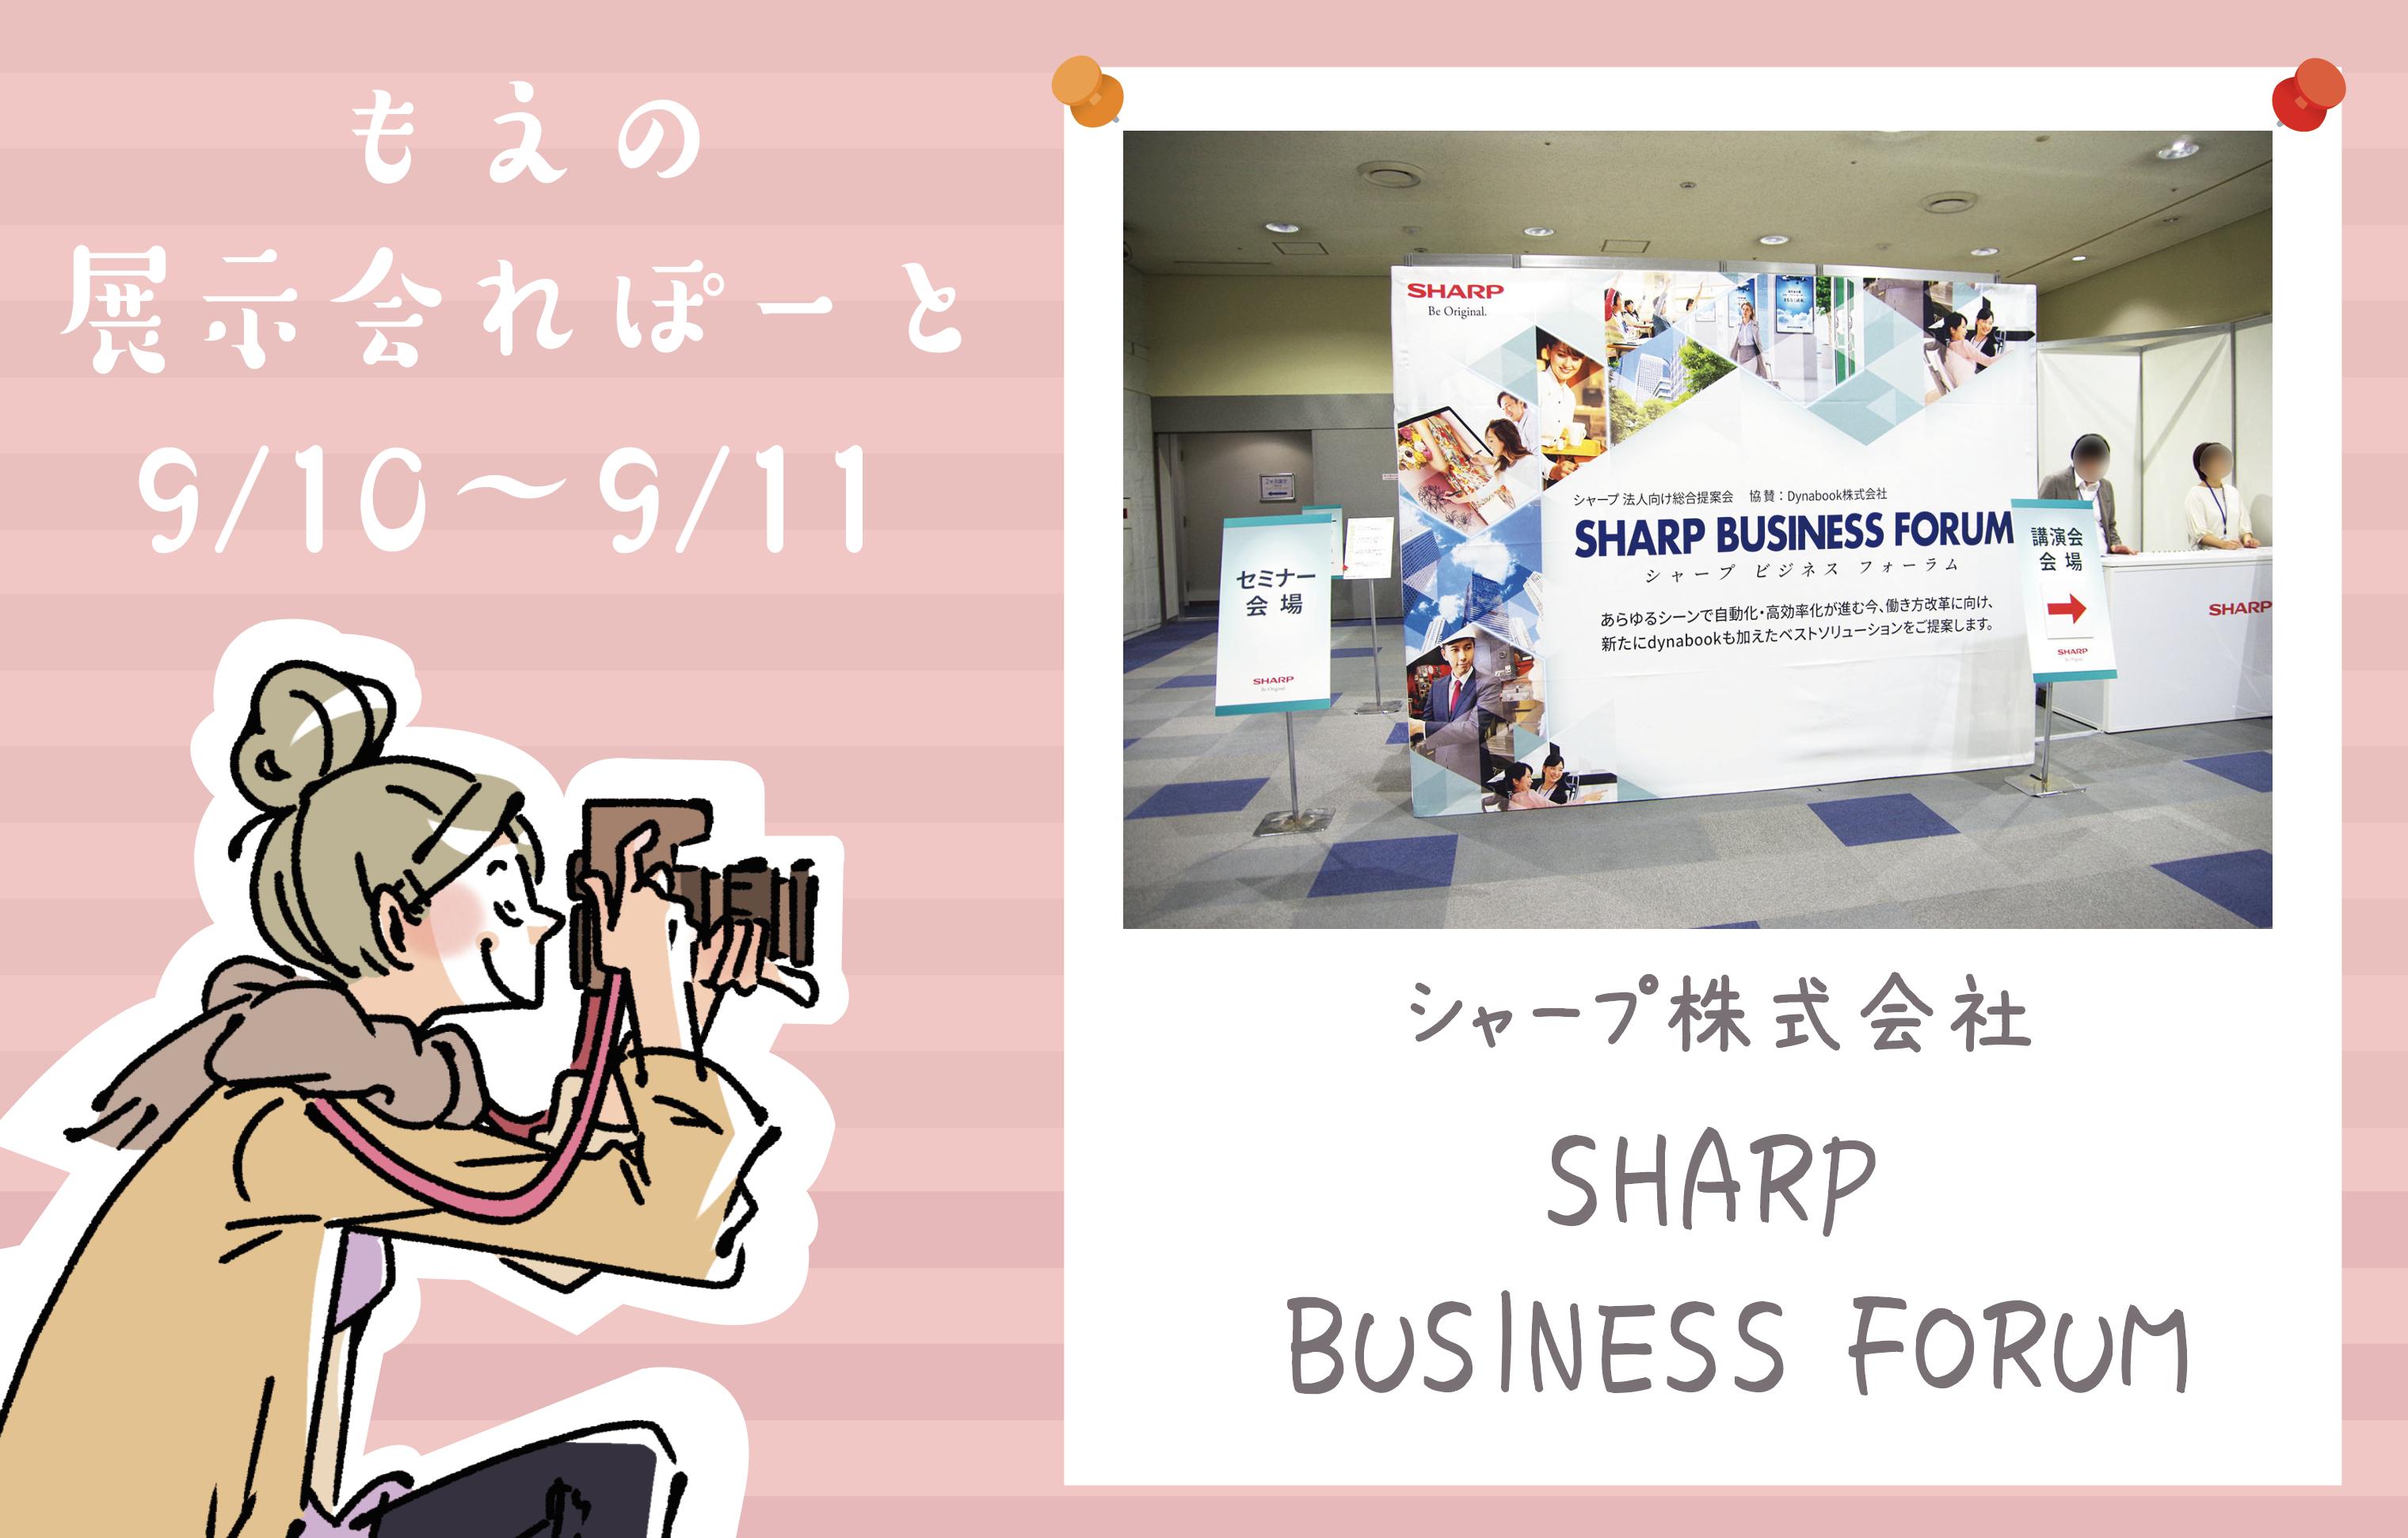 もえの展示会れぽーと【25】 「シャープビジネスフォーラム」に行ってきました!の画像